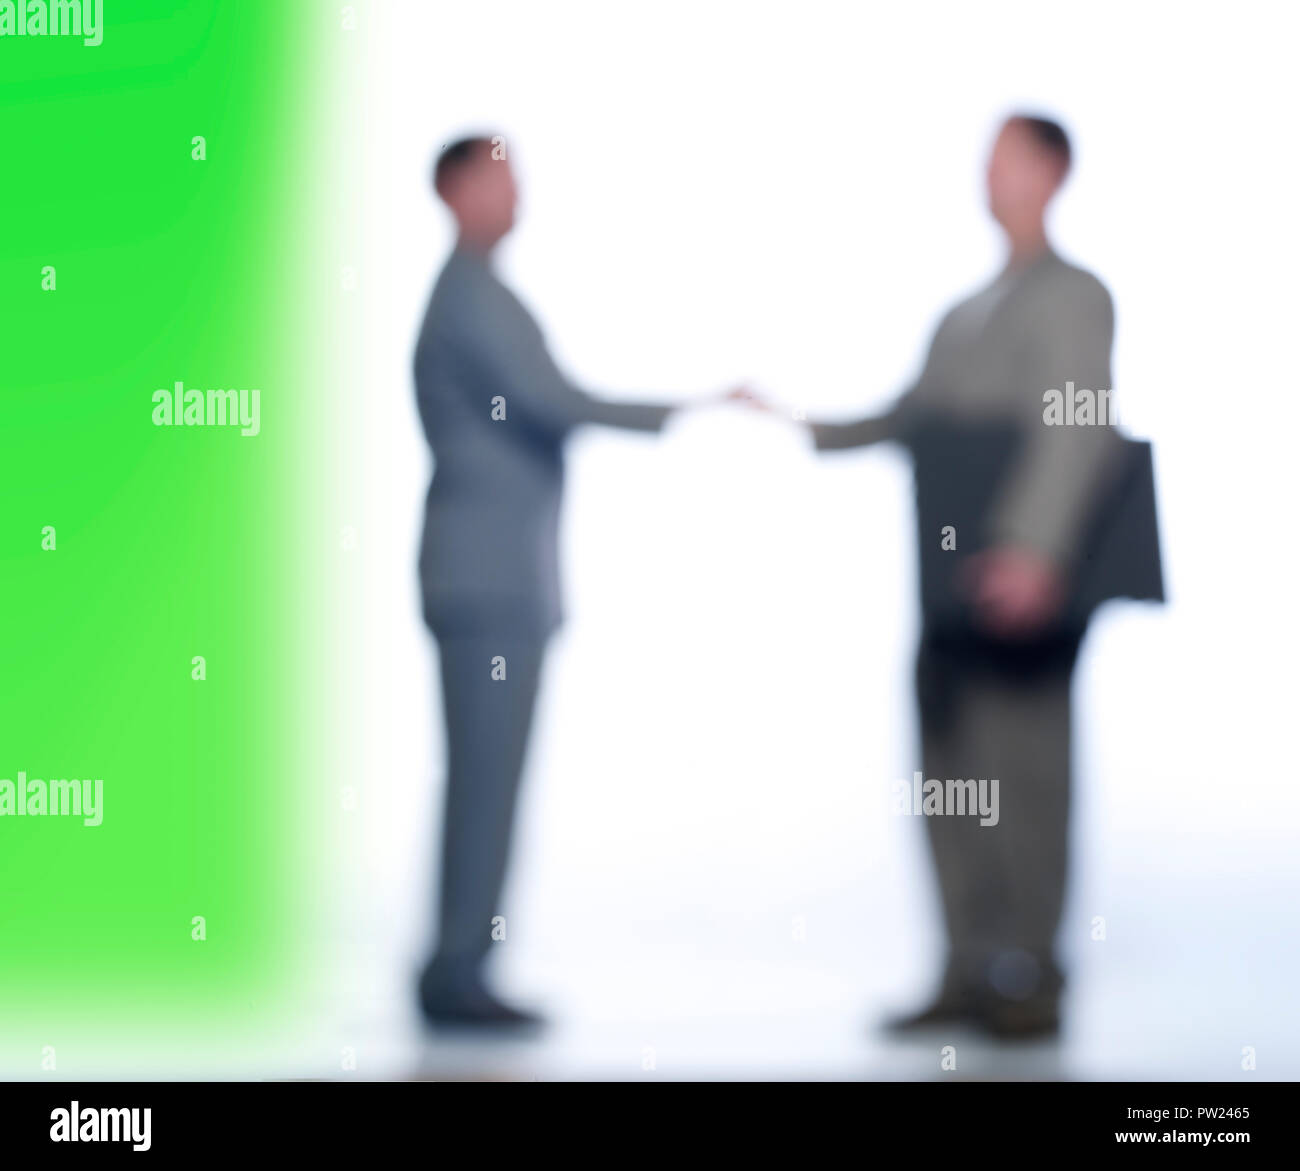 Konzept zwei Männer in Anzügen die Hände schütteln, Abkommen, Abkommen, Stockbild